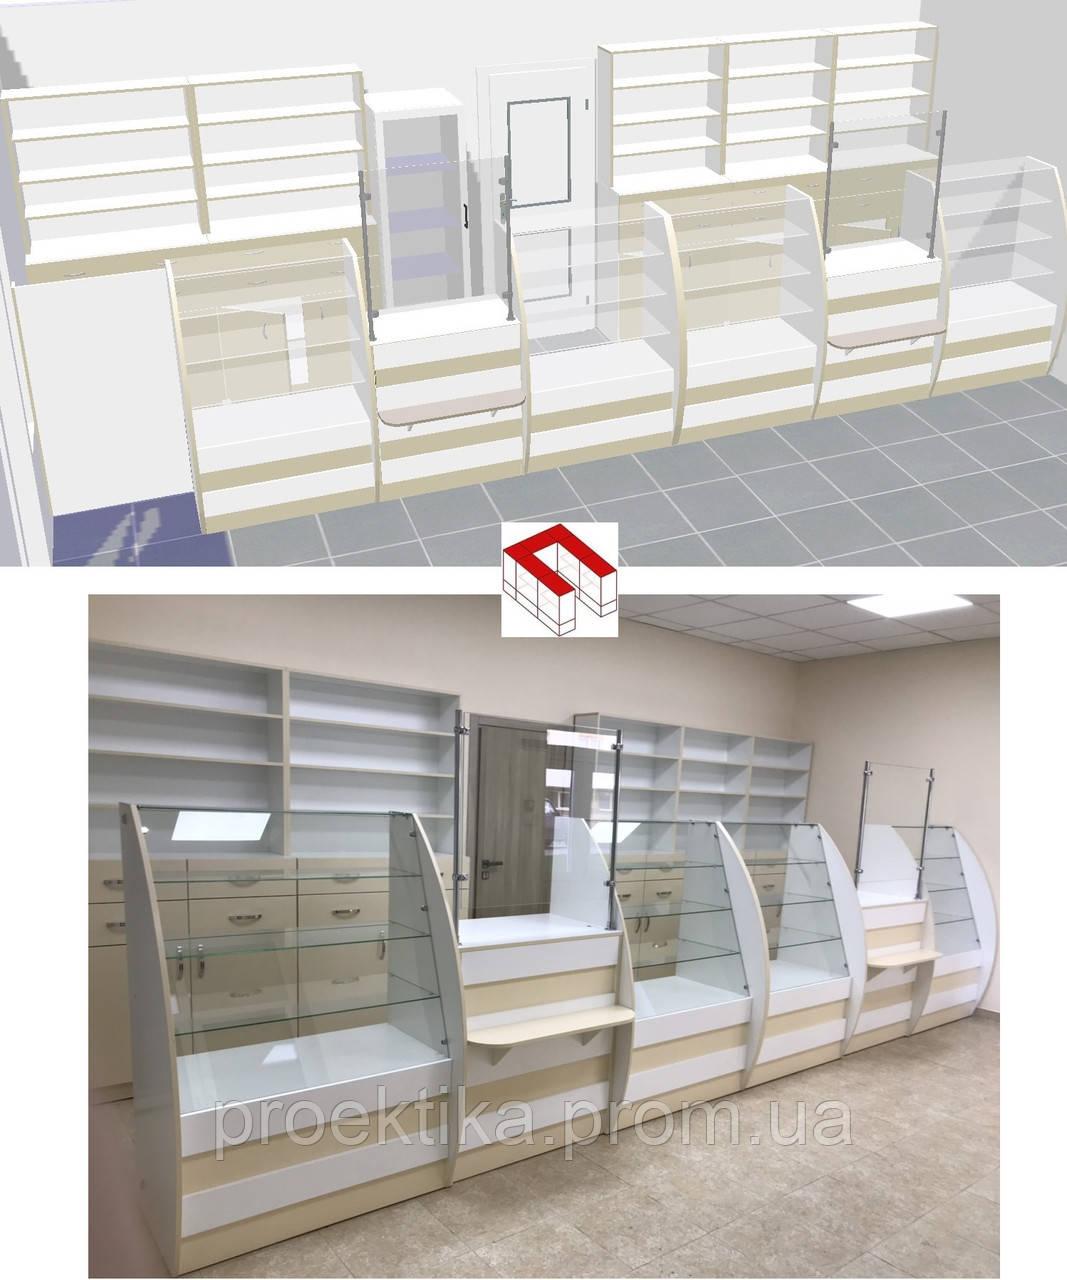 Мебель для аптек. Бежевый цвет аптечного оборудования.